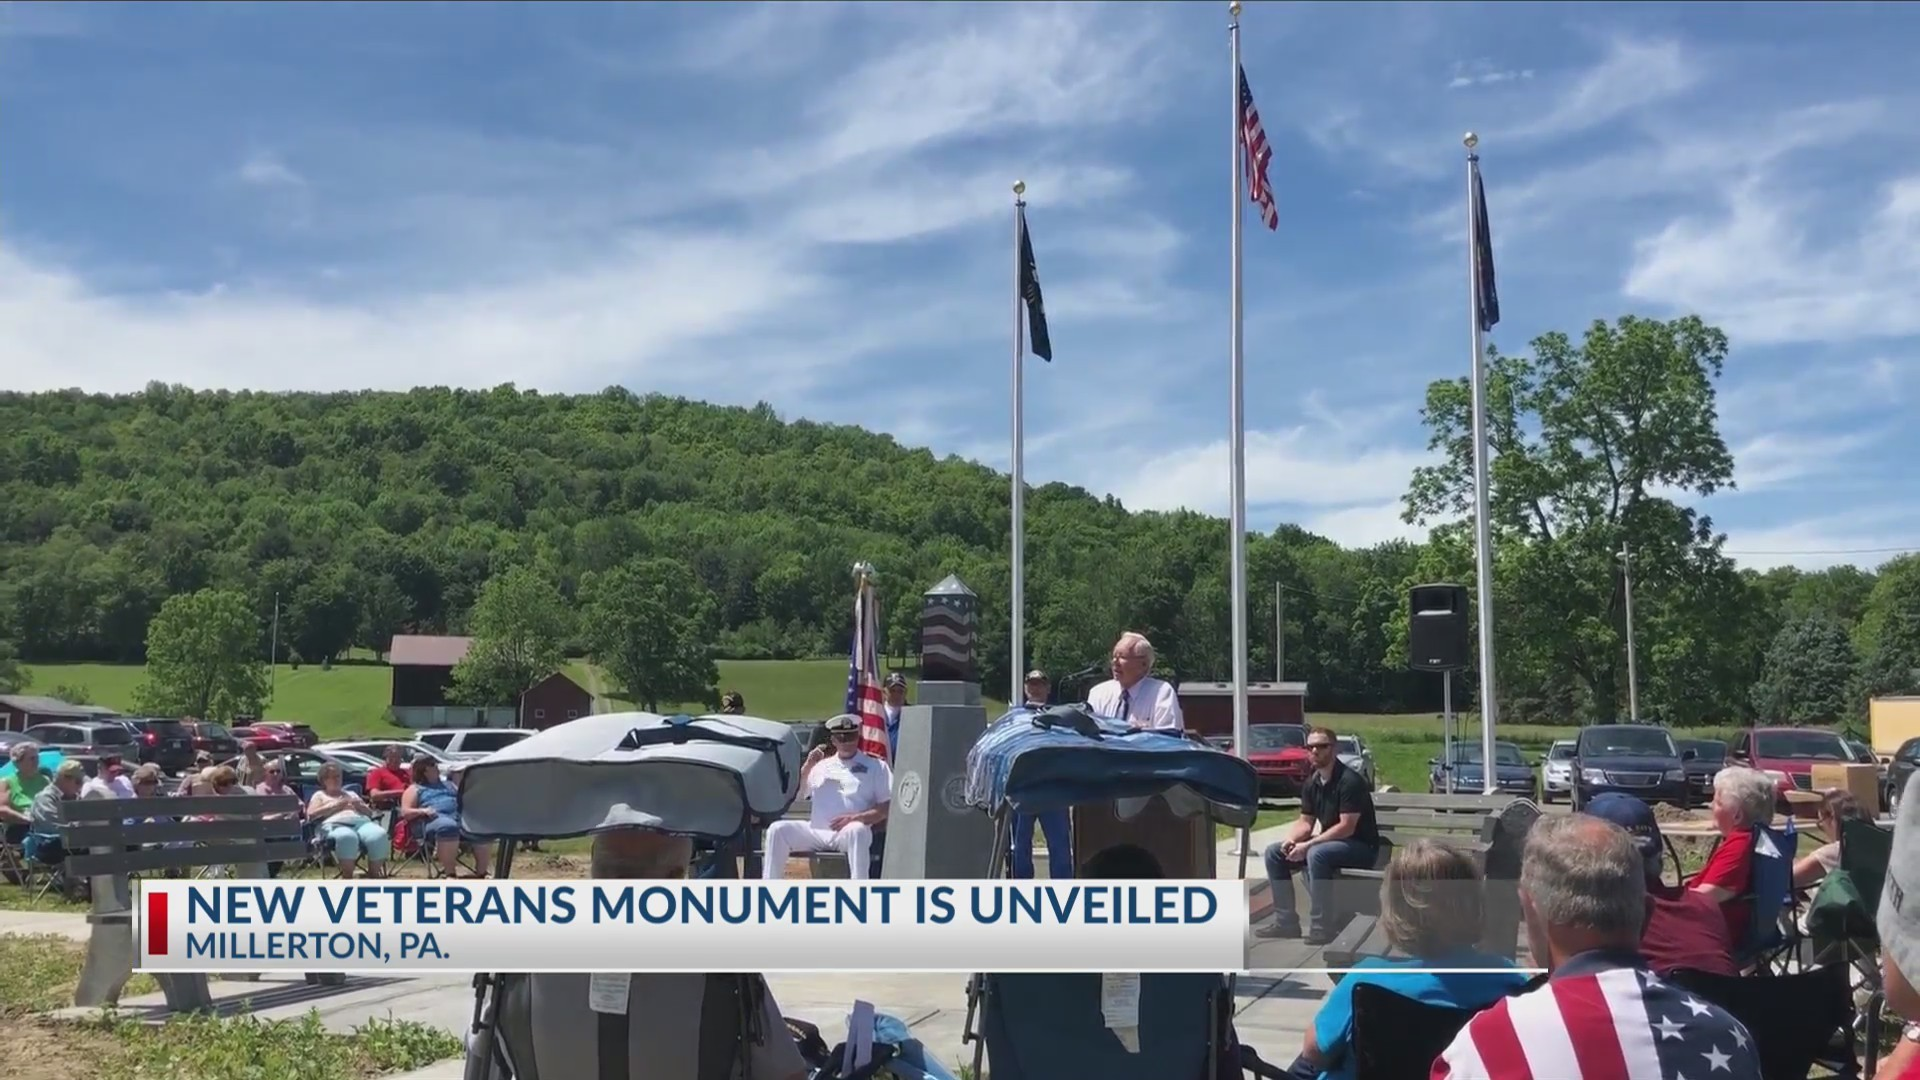 New_veterans_monument_in_Millerton_1_20190609222333